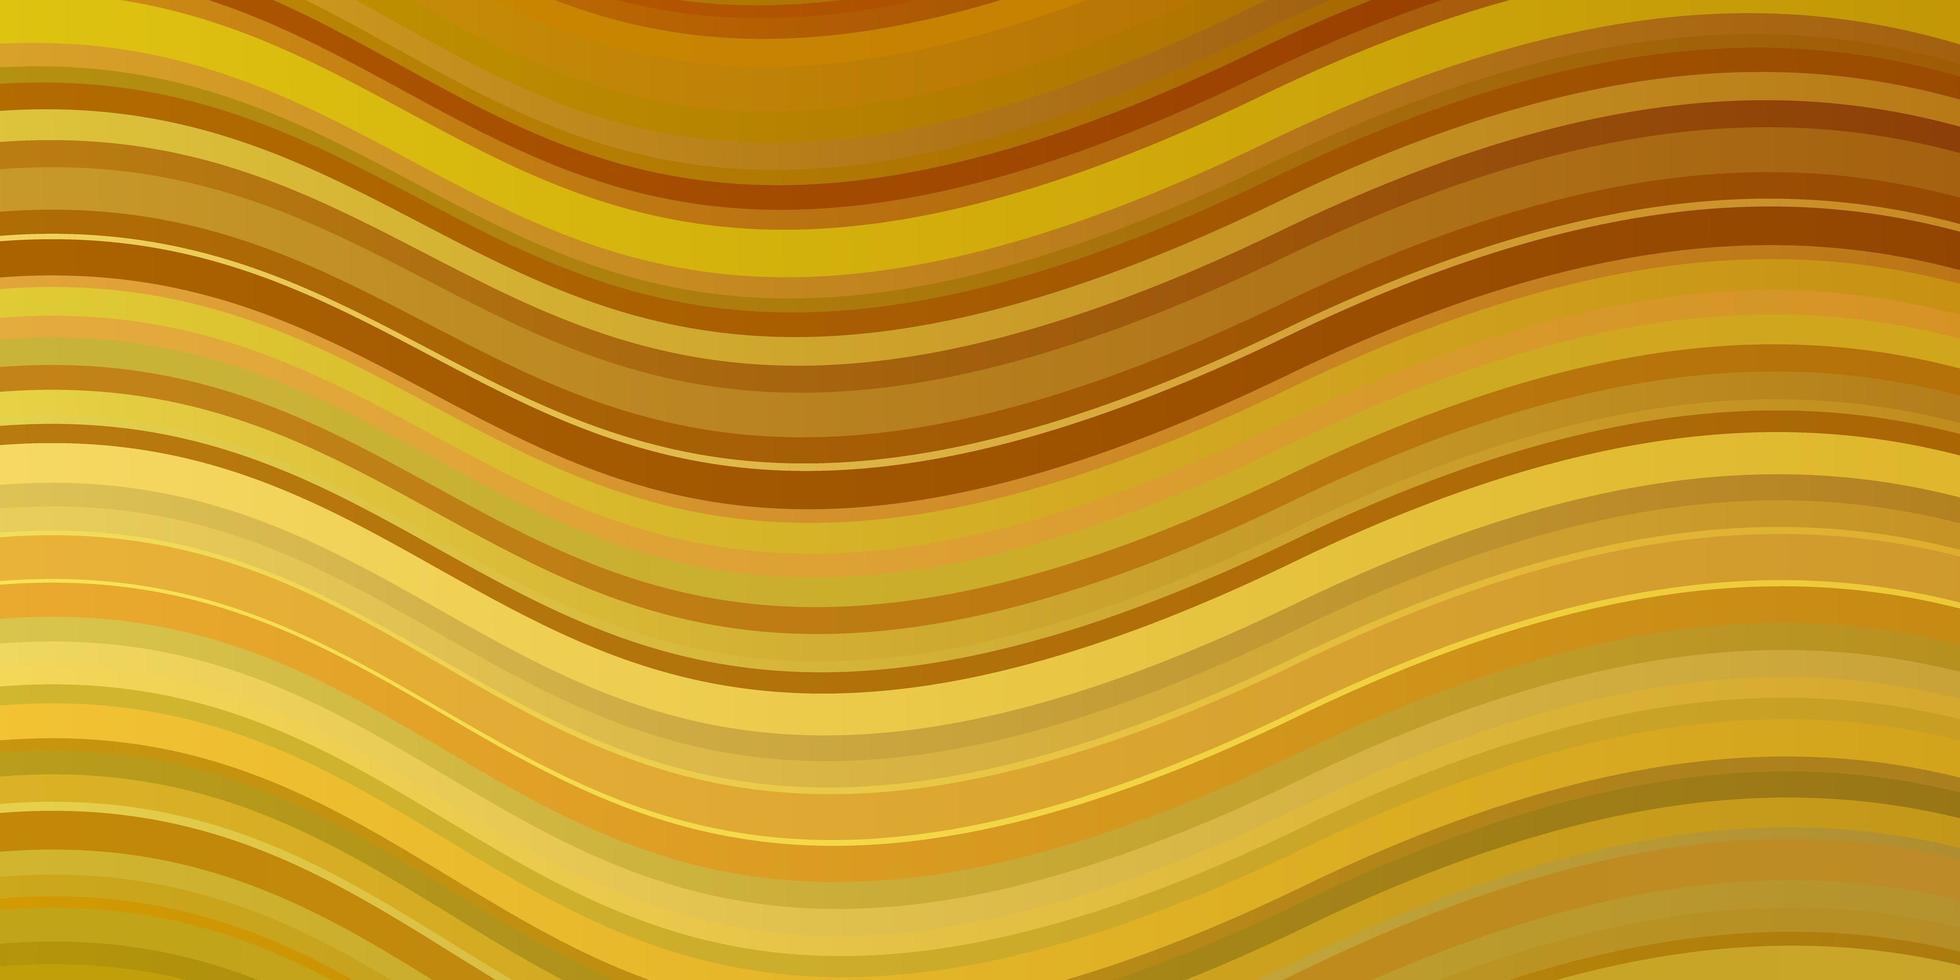 modèle vectoriel jaune foncé avec des courbes.